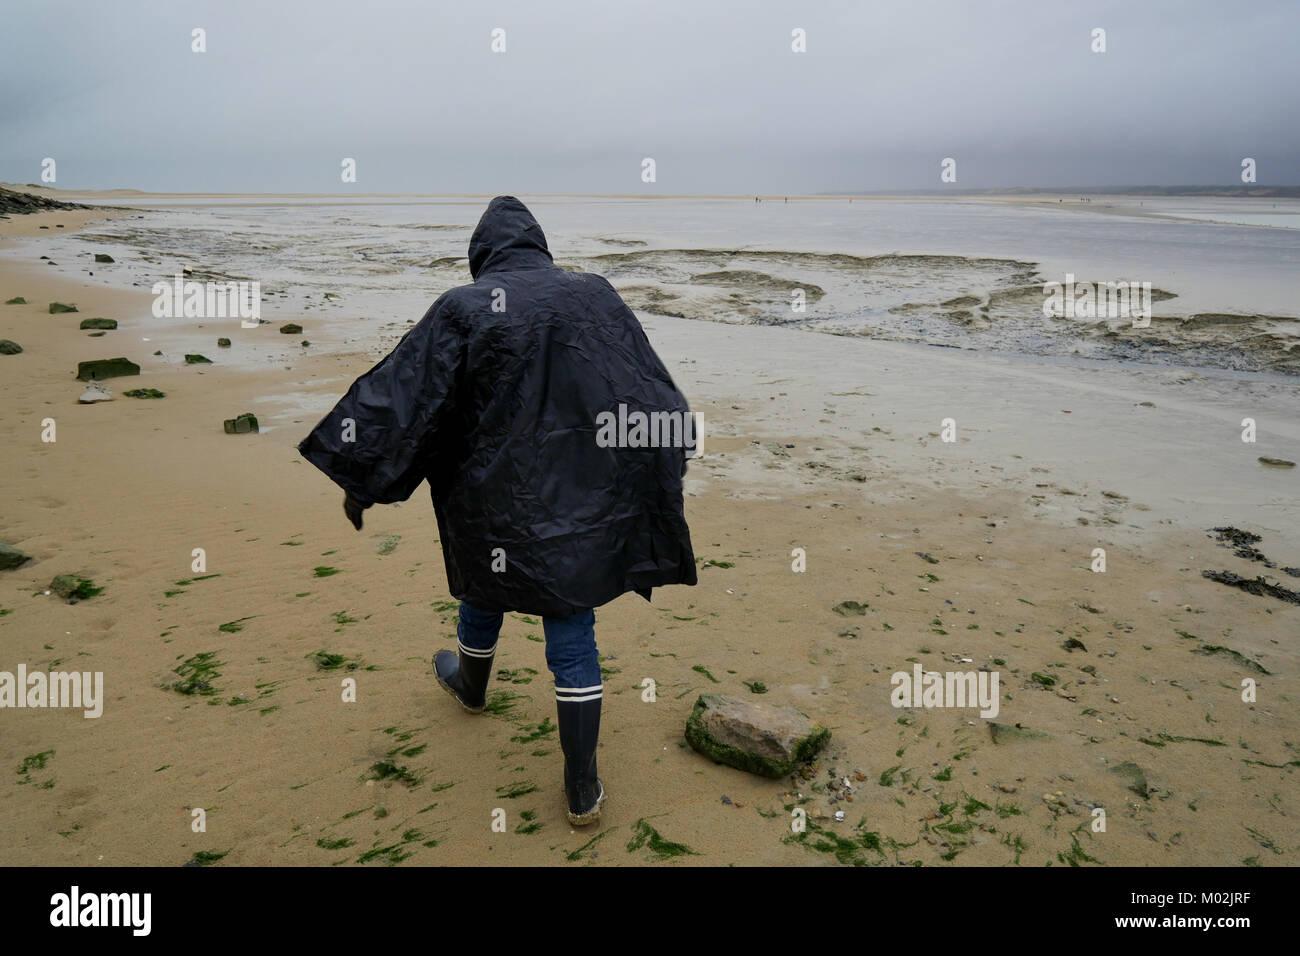 Un excursionista camina sobre la playa de arena a lo largo de la bahía de Somme, en marea baja, Le Hourdel, bahía de Somme, Normandía, Francia Foto de stock